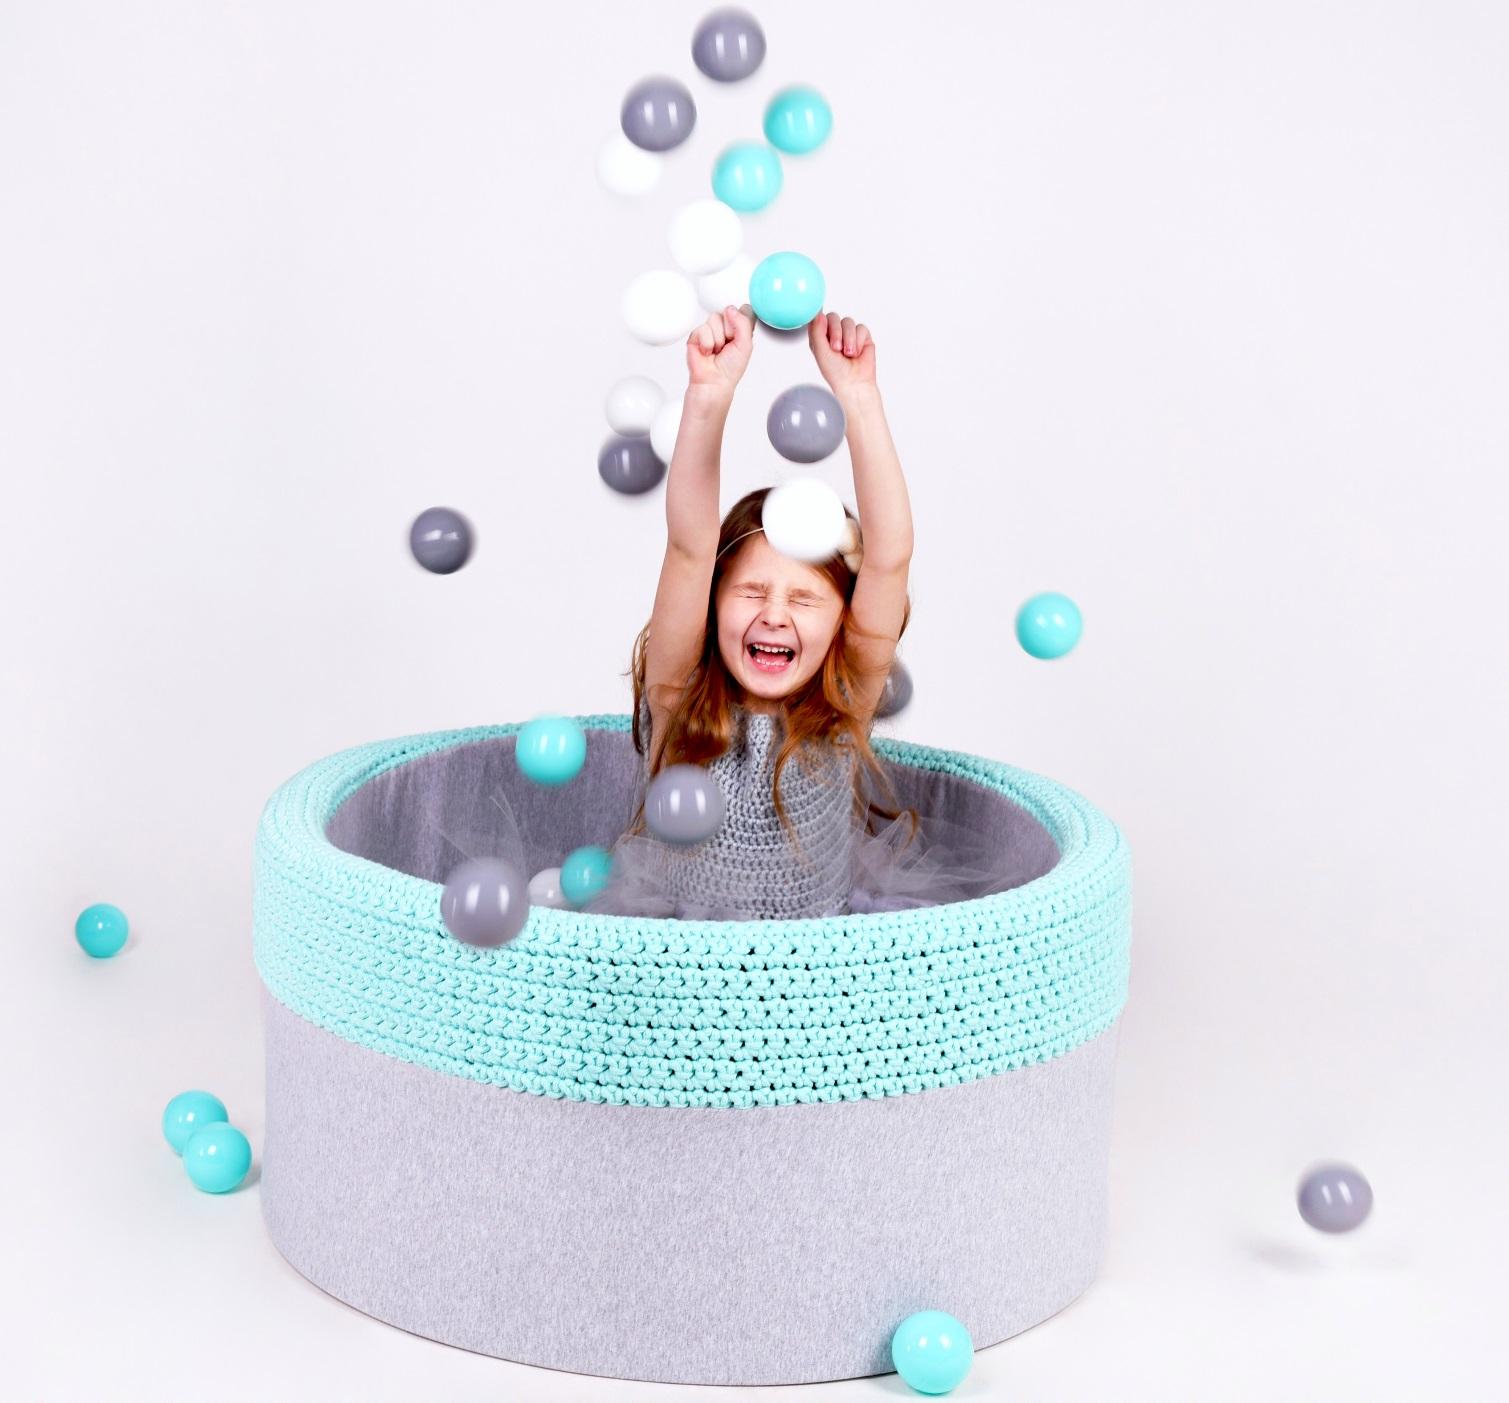 Jak suchy basen wpływa na rozwój psycho-fizyczny dziecka?